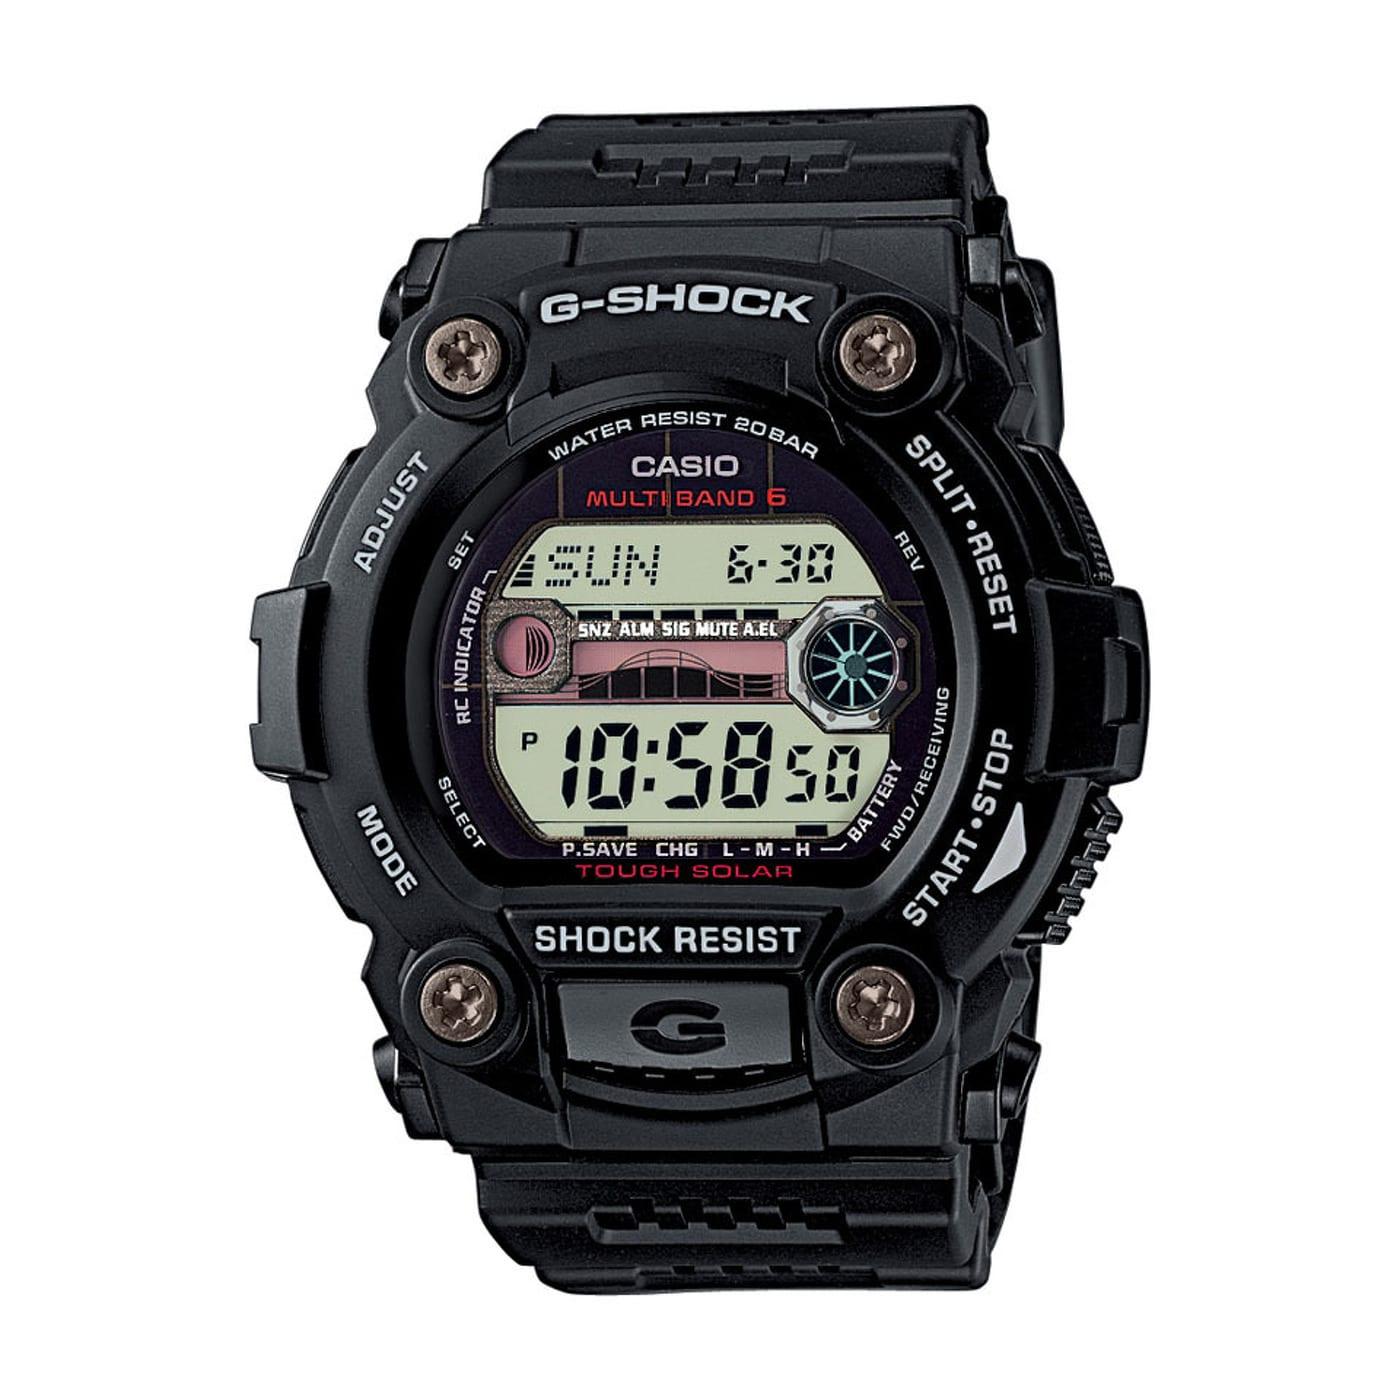 Casio G-Shock GW-7900 1ER black